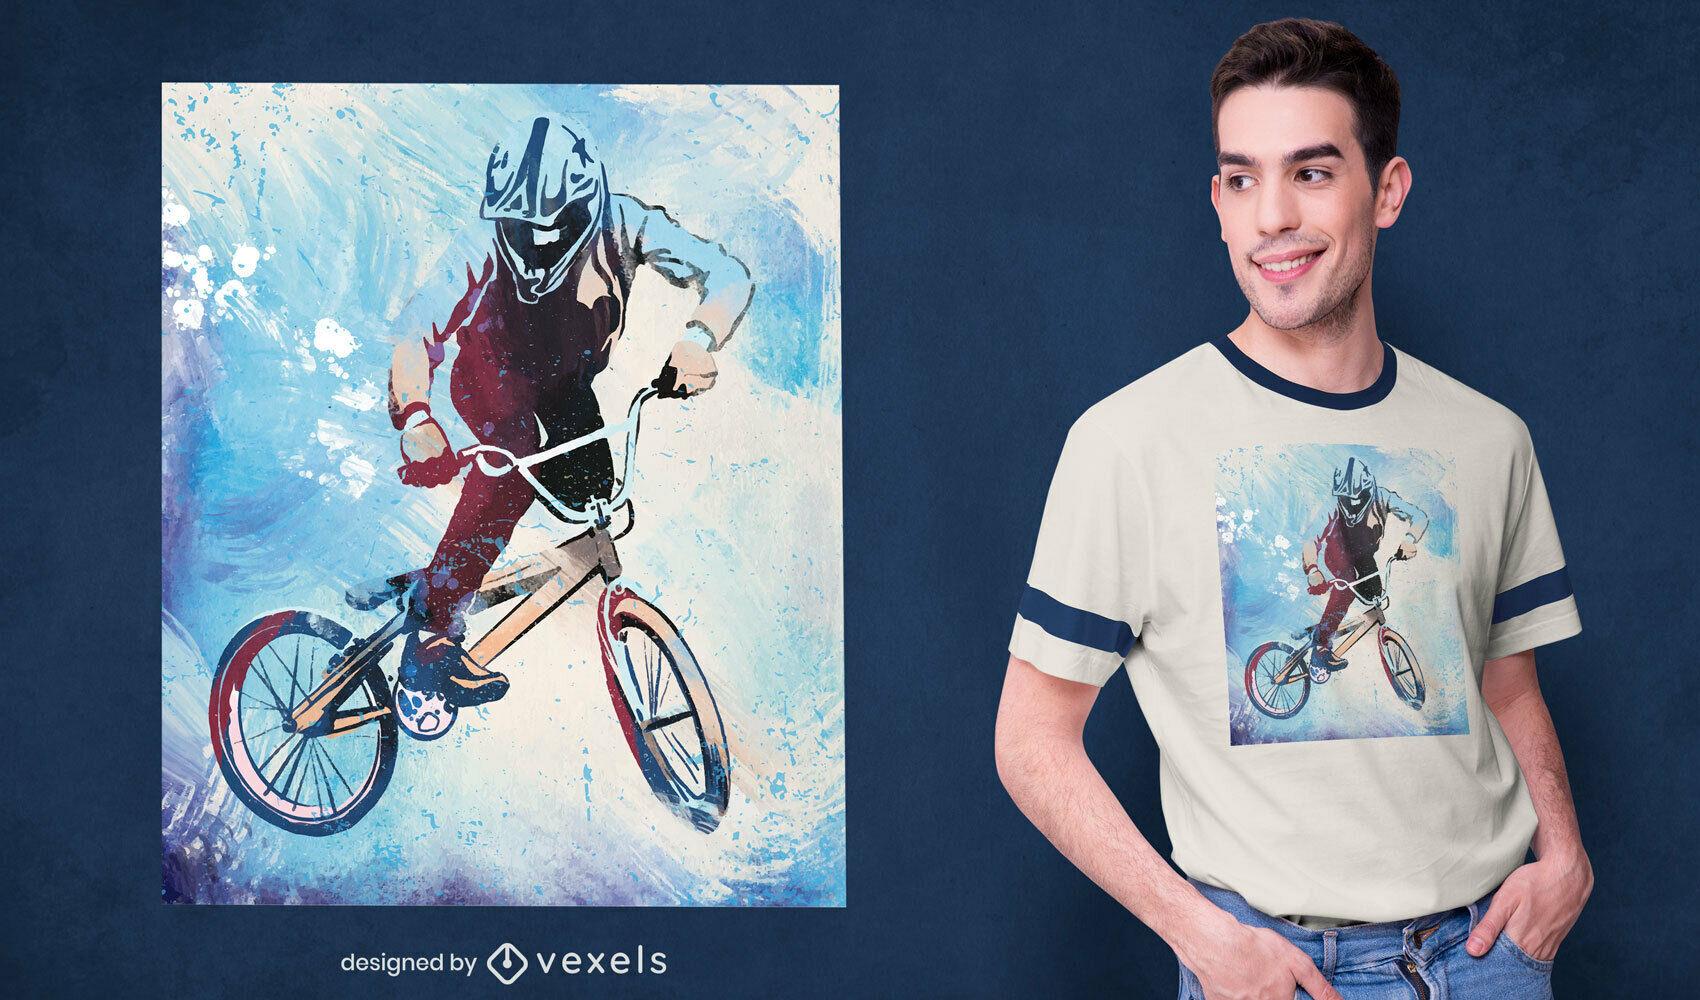 Cool camiseta de acuarela de acrobacias de motociclistas psd